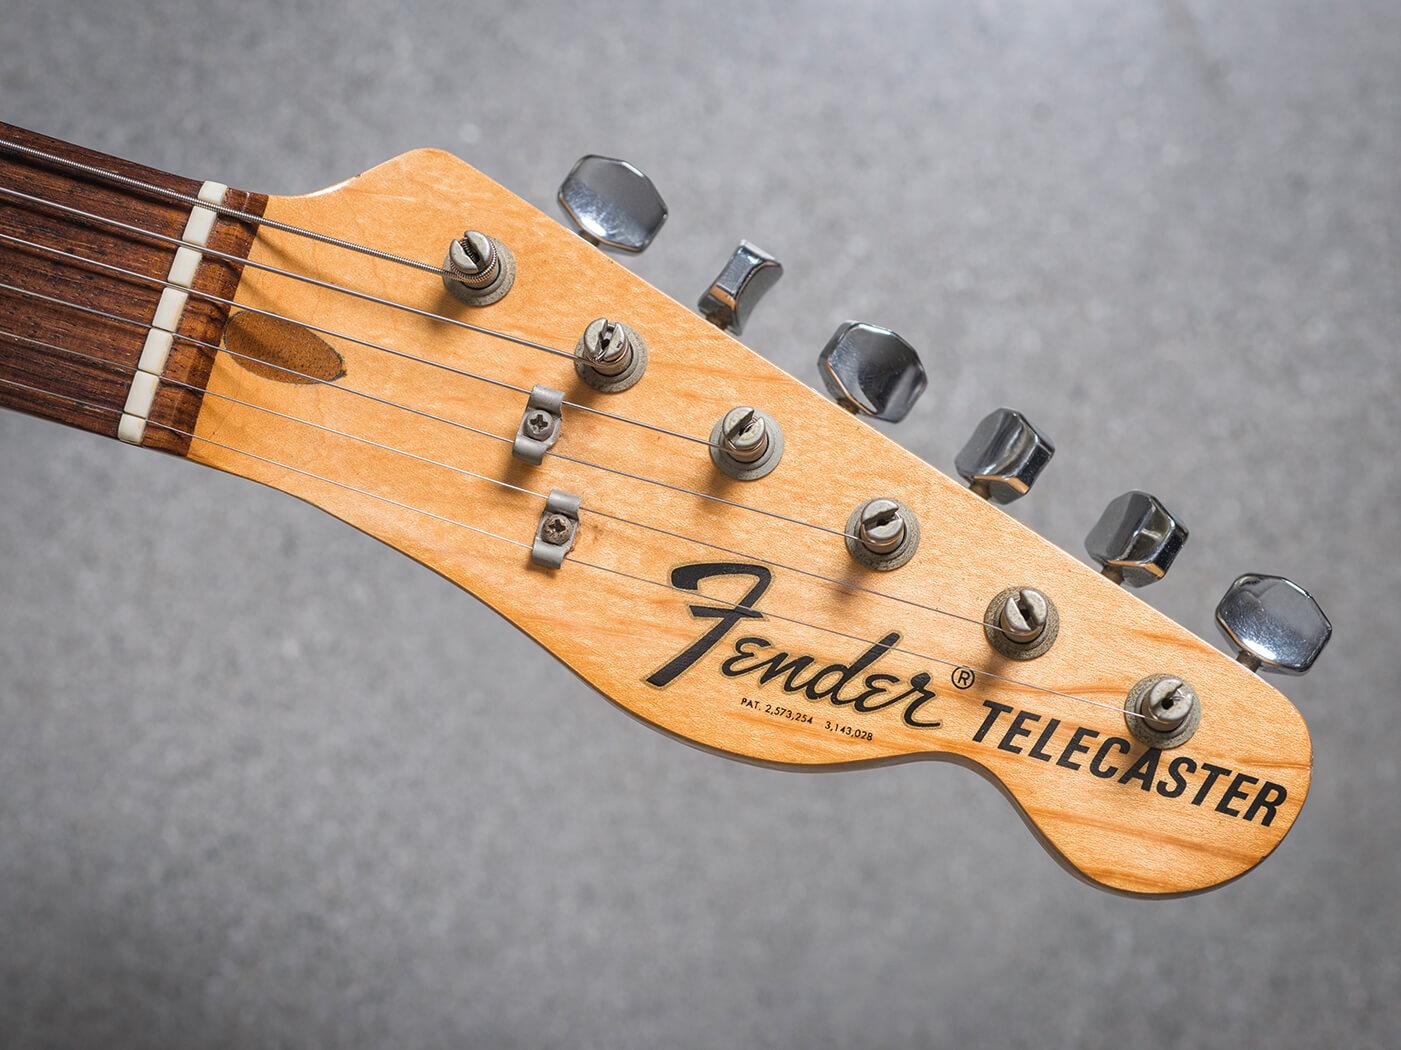 Fender Telecaster Noiseless Pickup Wiring Diagram